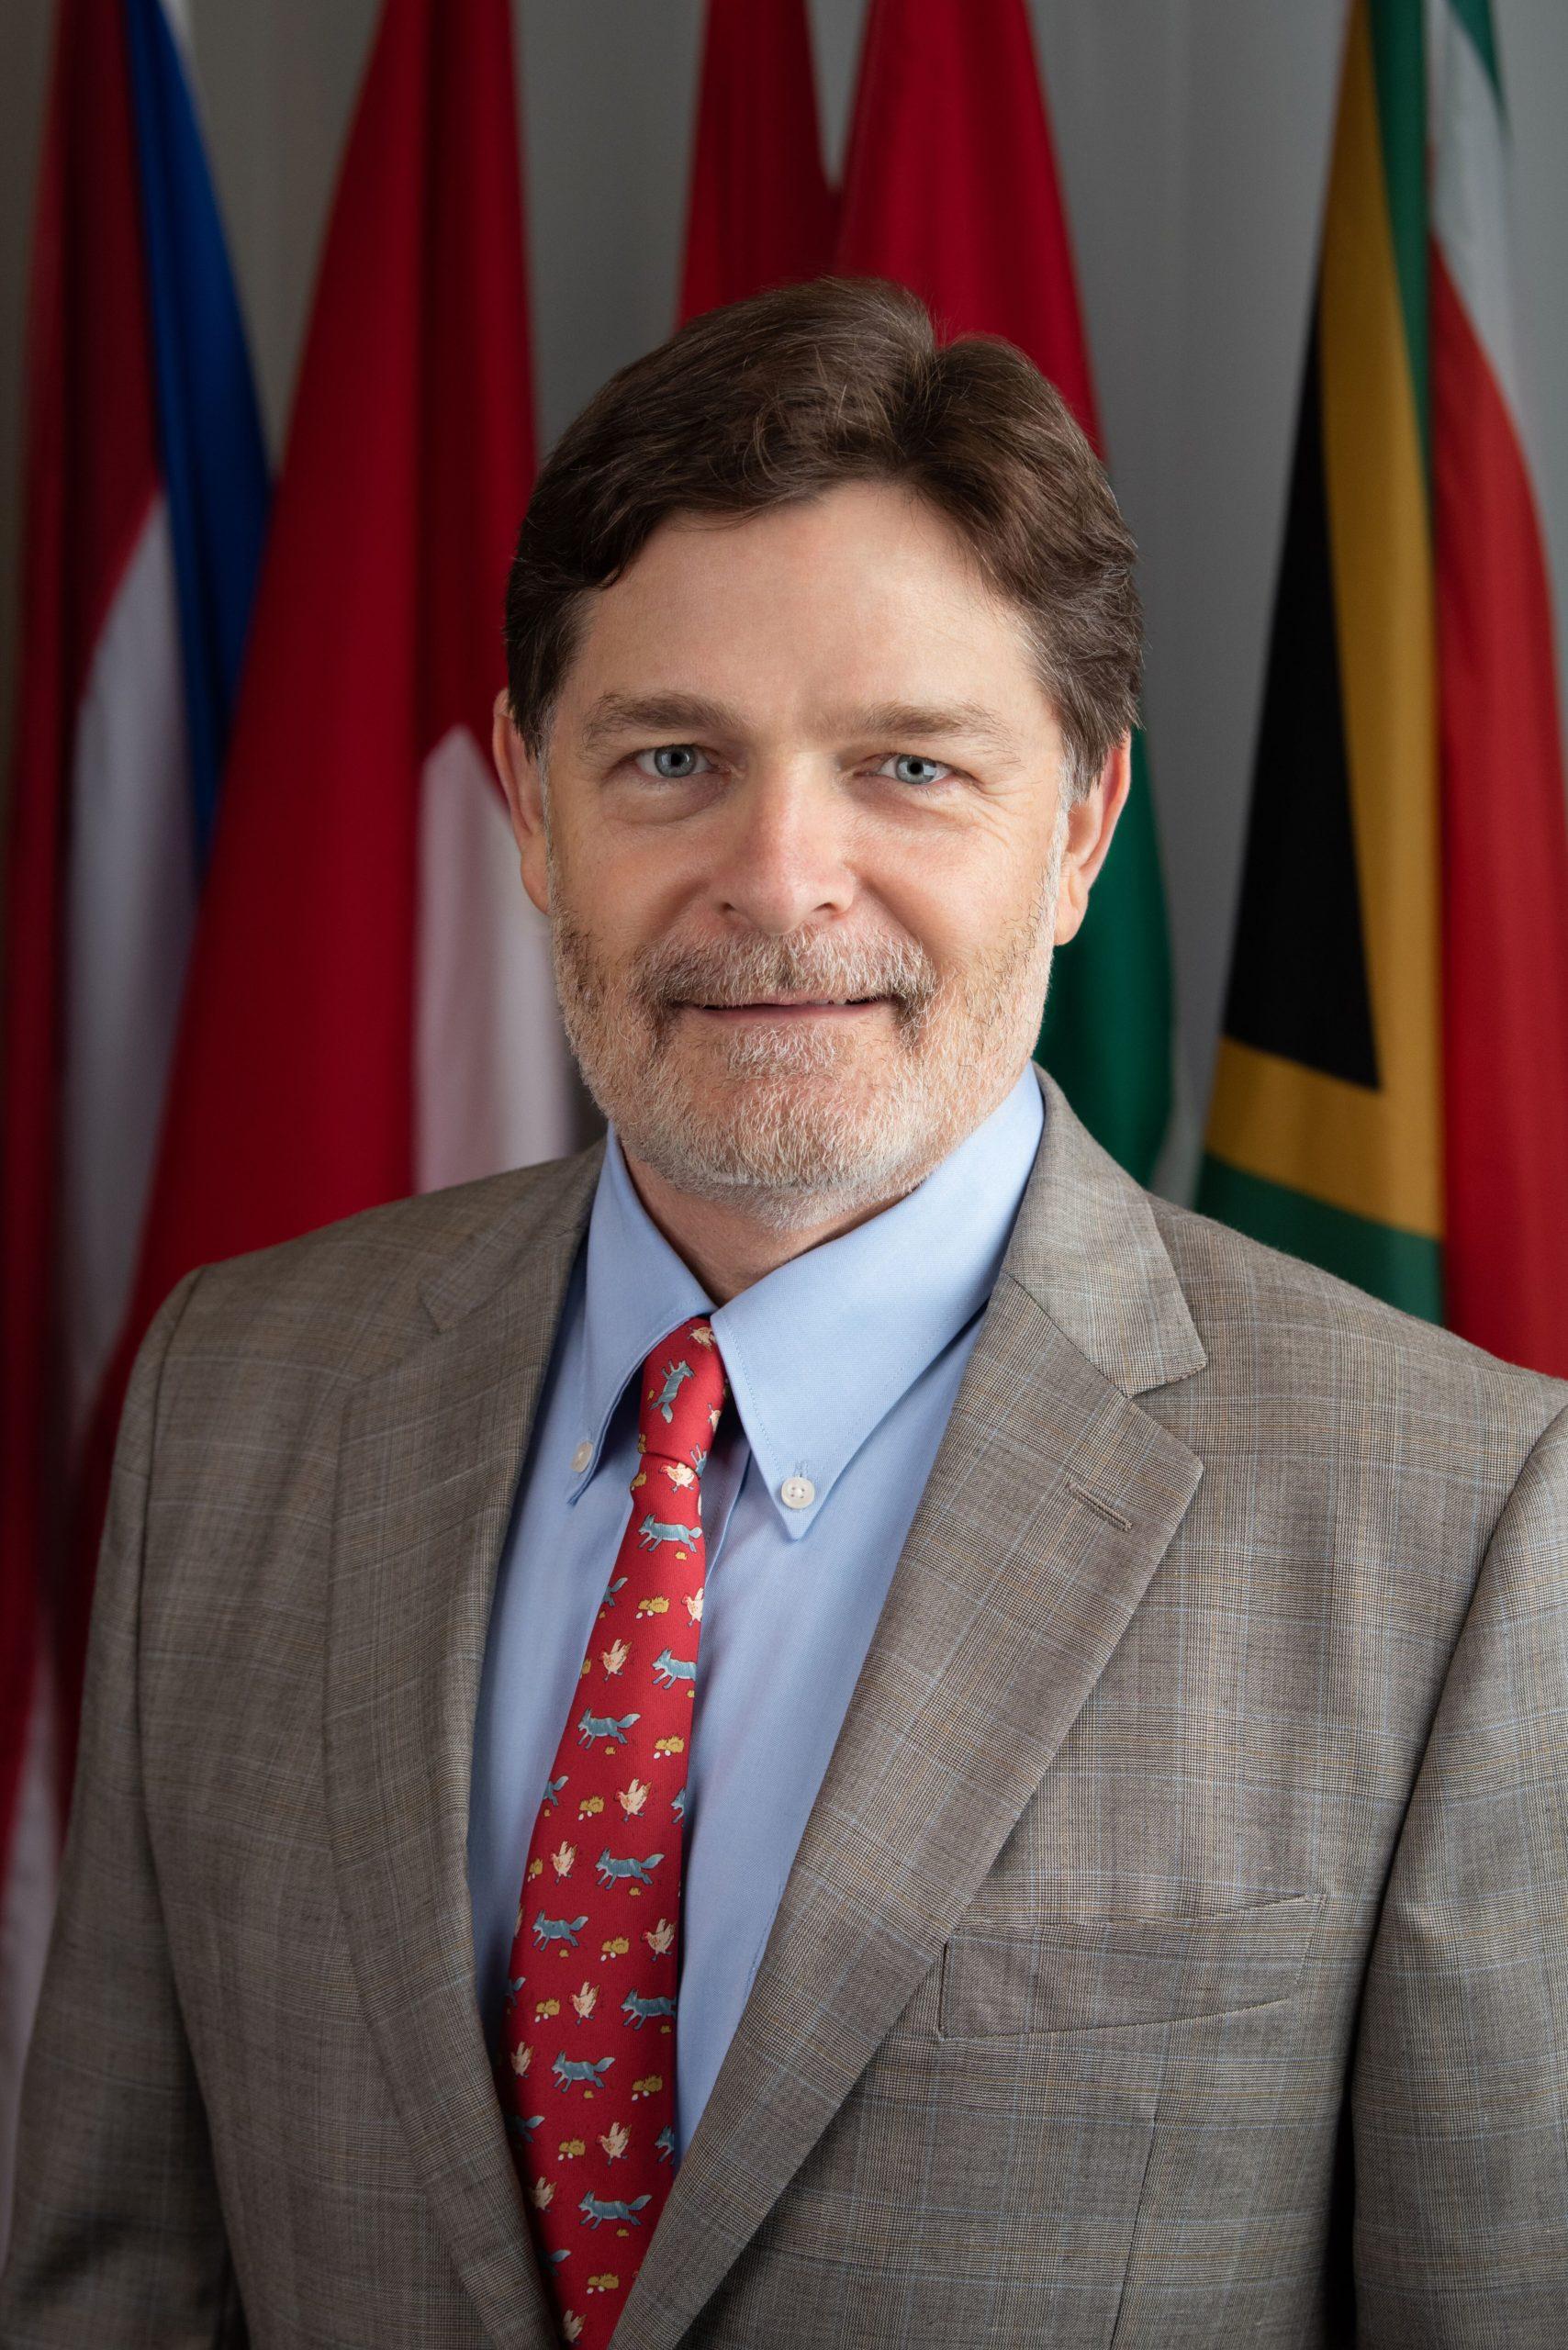 Jim Wayt